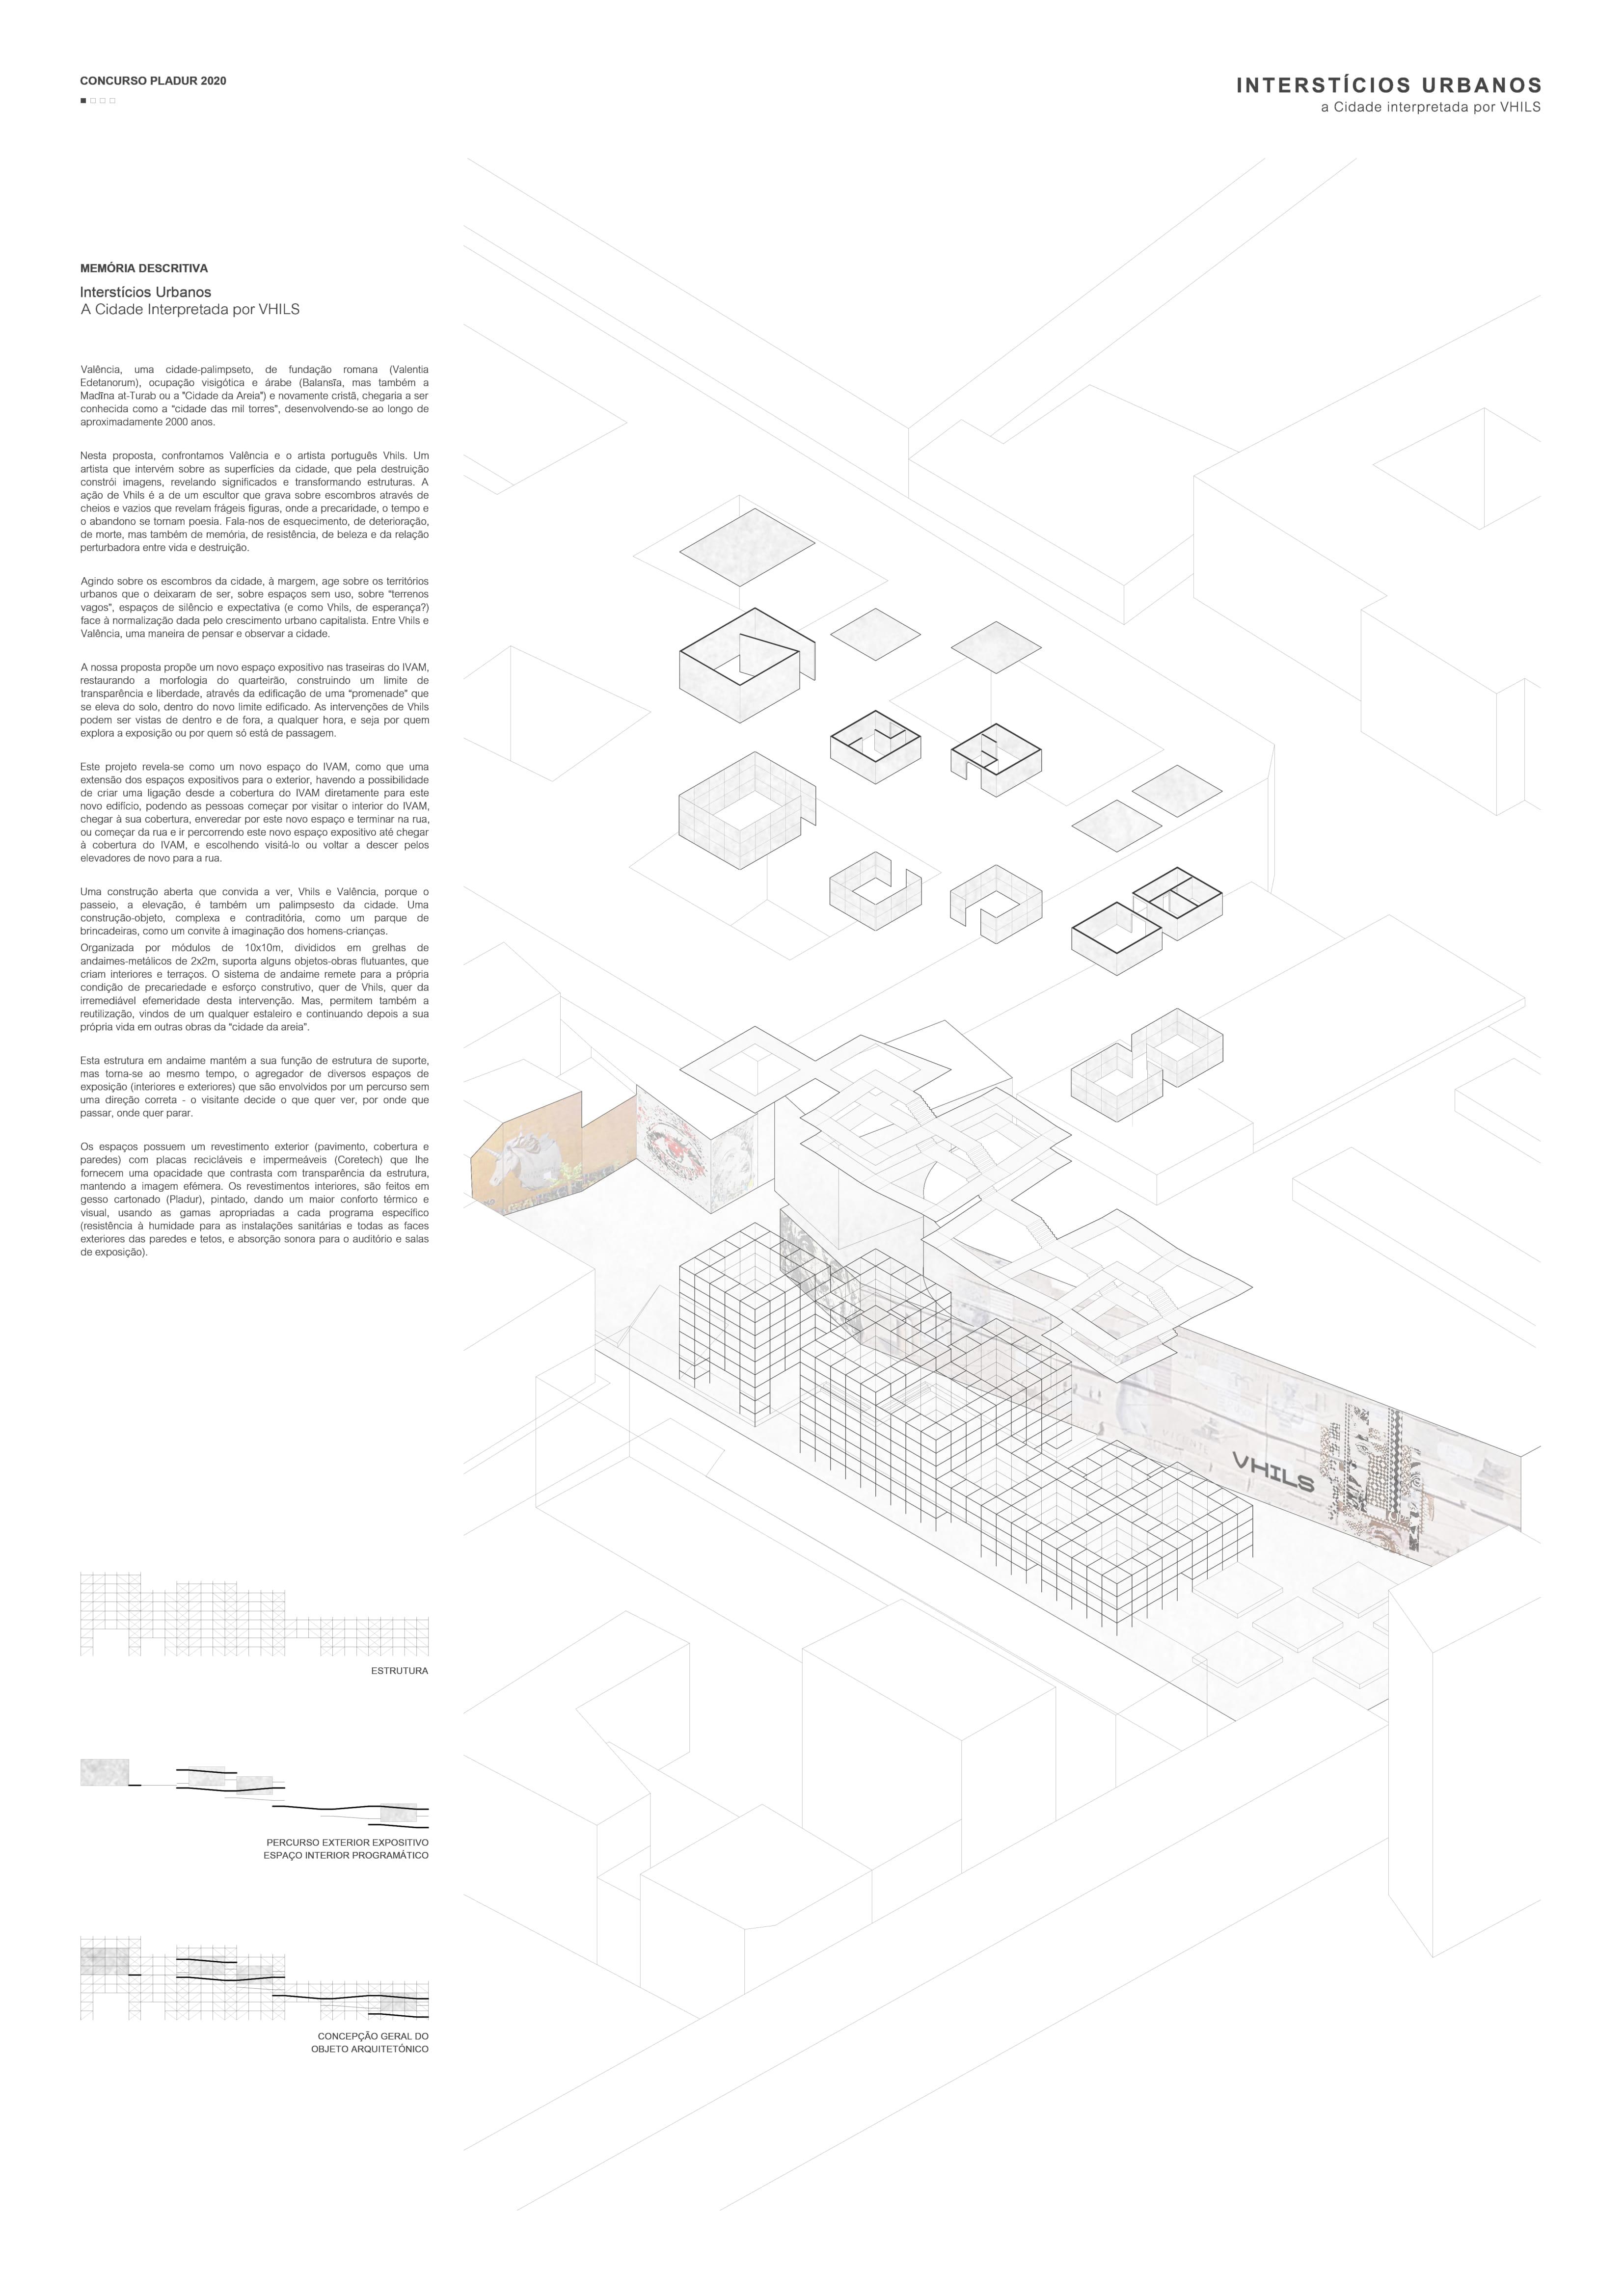 2020_E30_INTERSTICIOSURBANOS-1